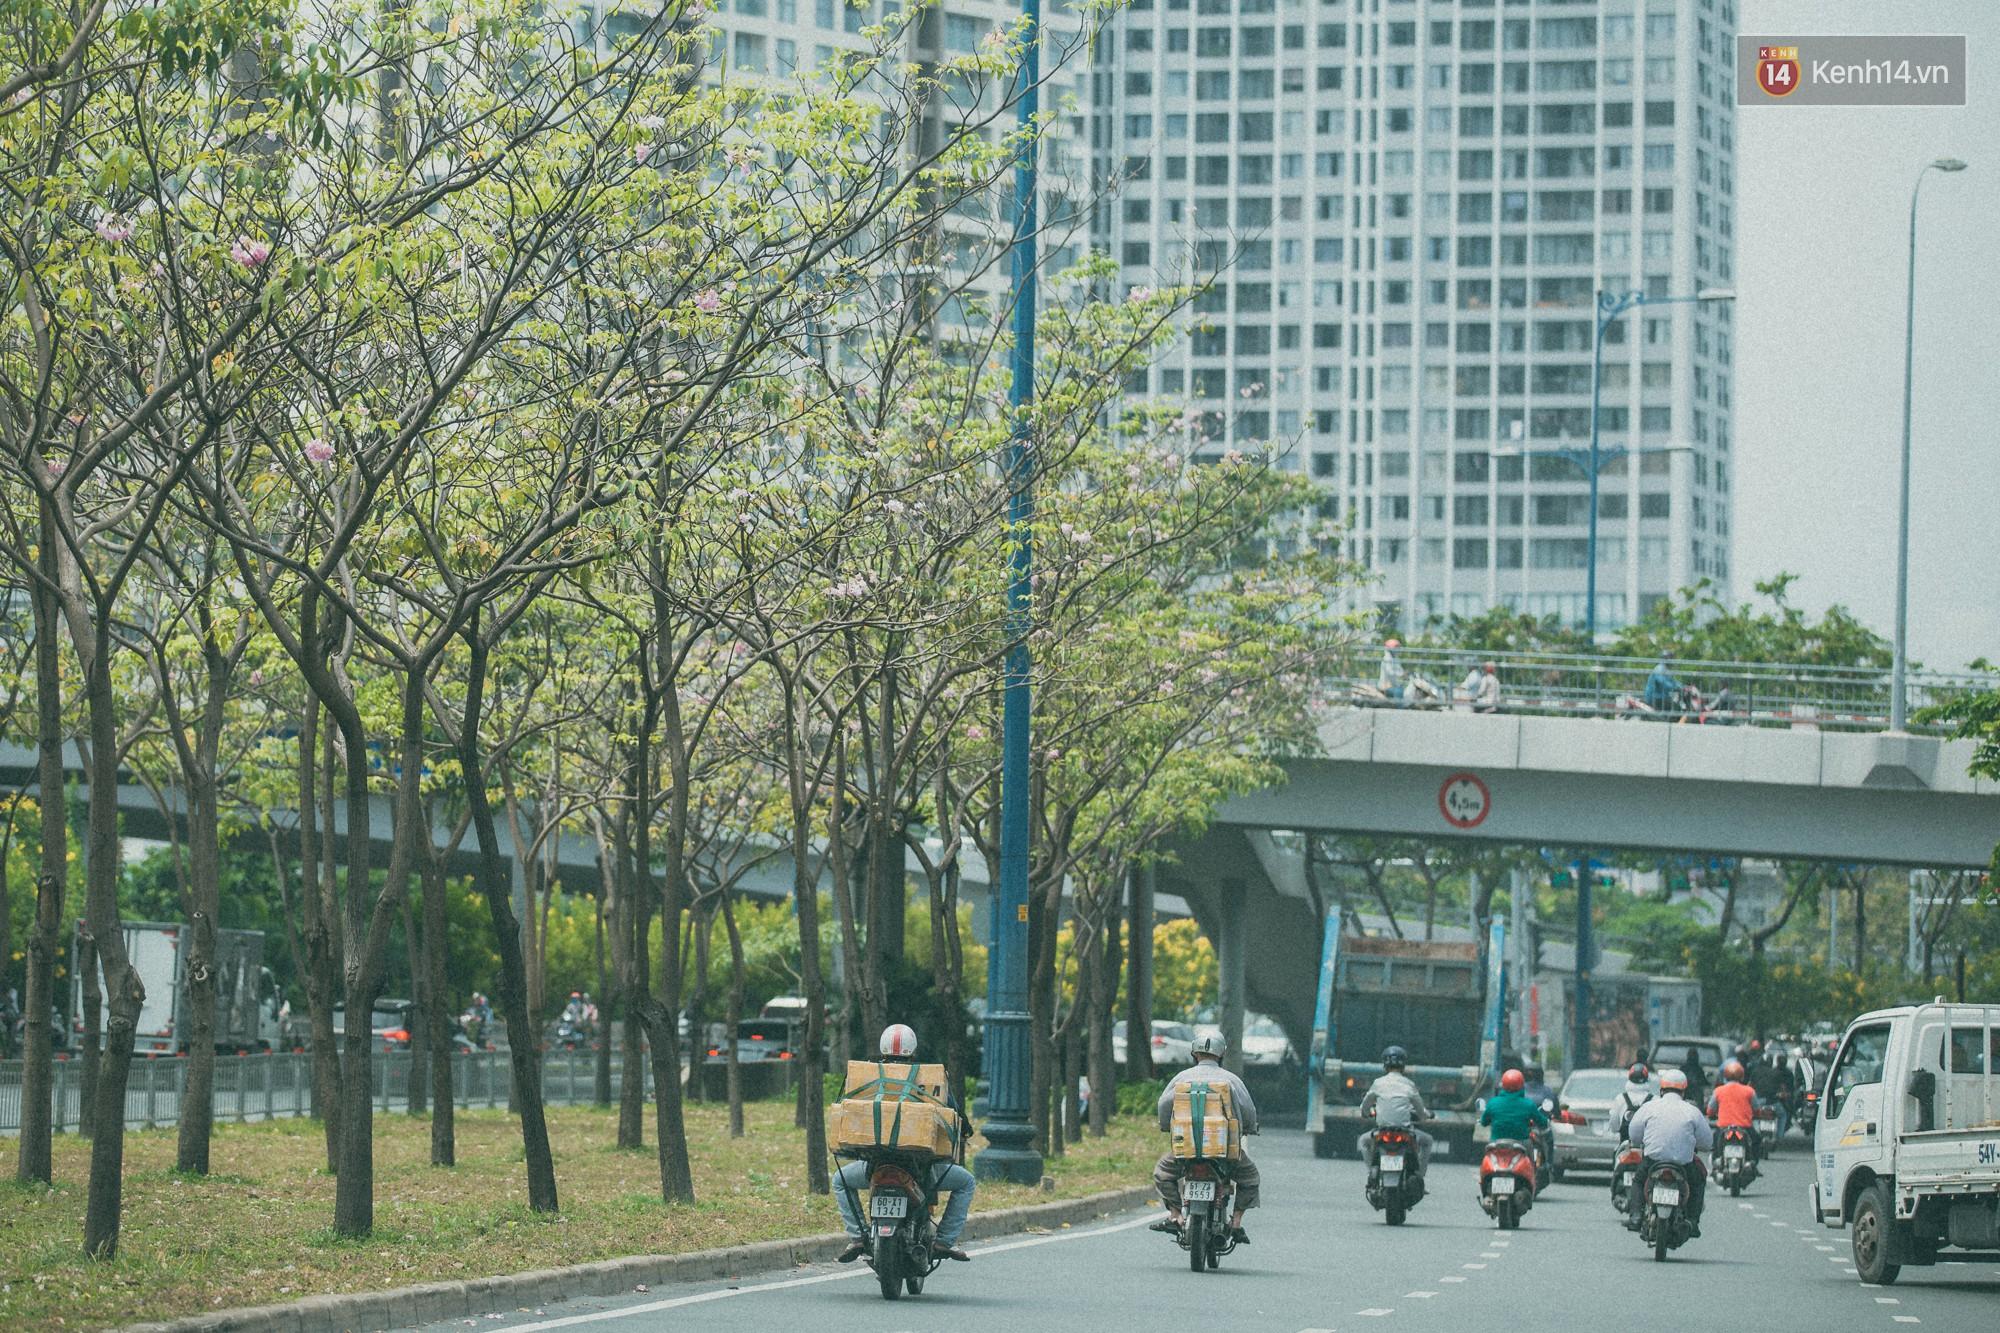 Sài Gòn mùa hoa kèn hồng: dịu dàng và dễ thương đến lạ! - Ảnh 6.